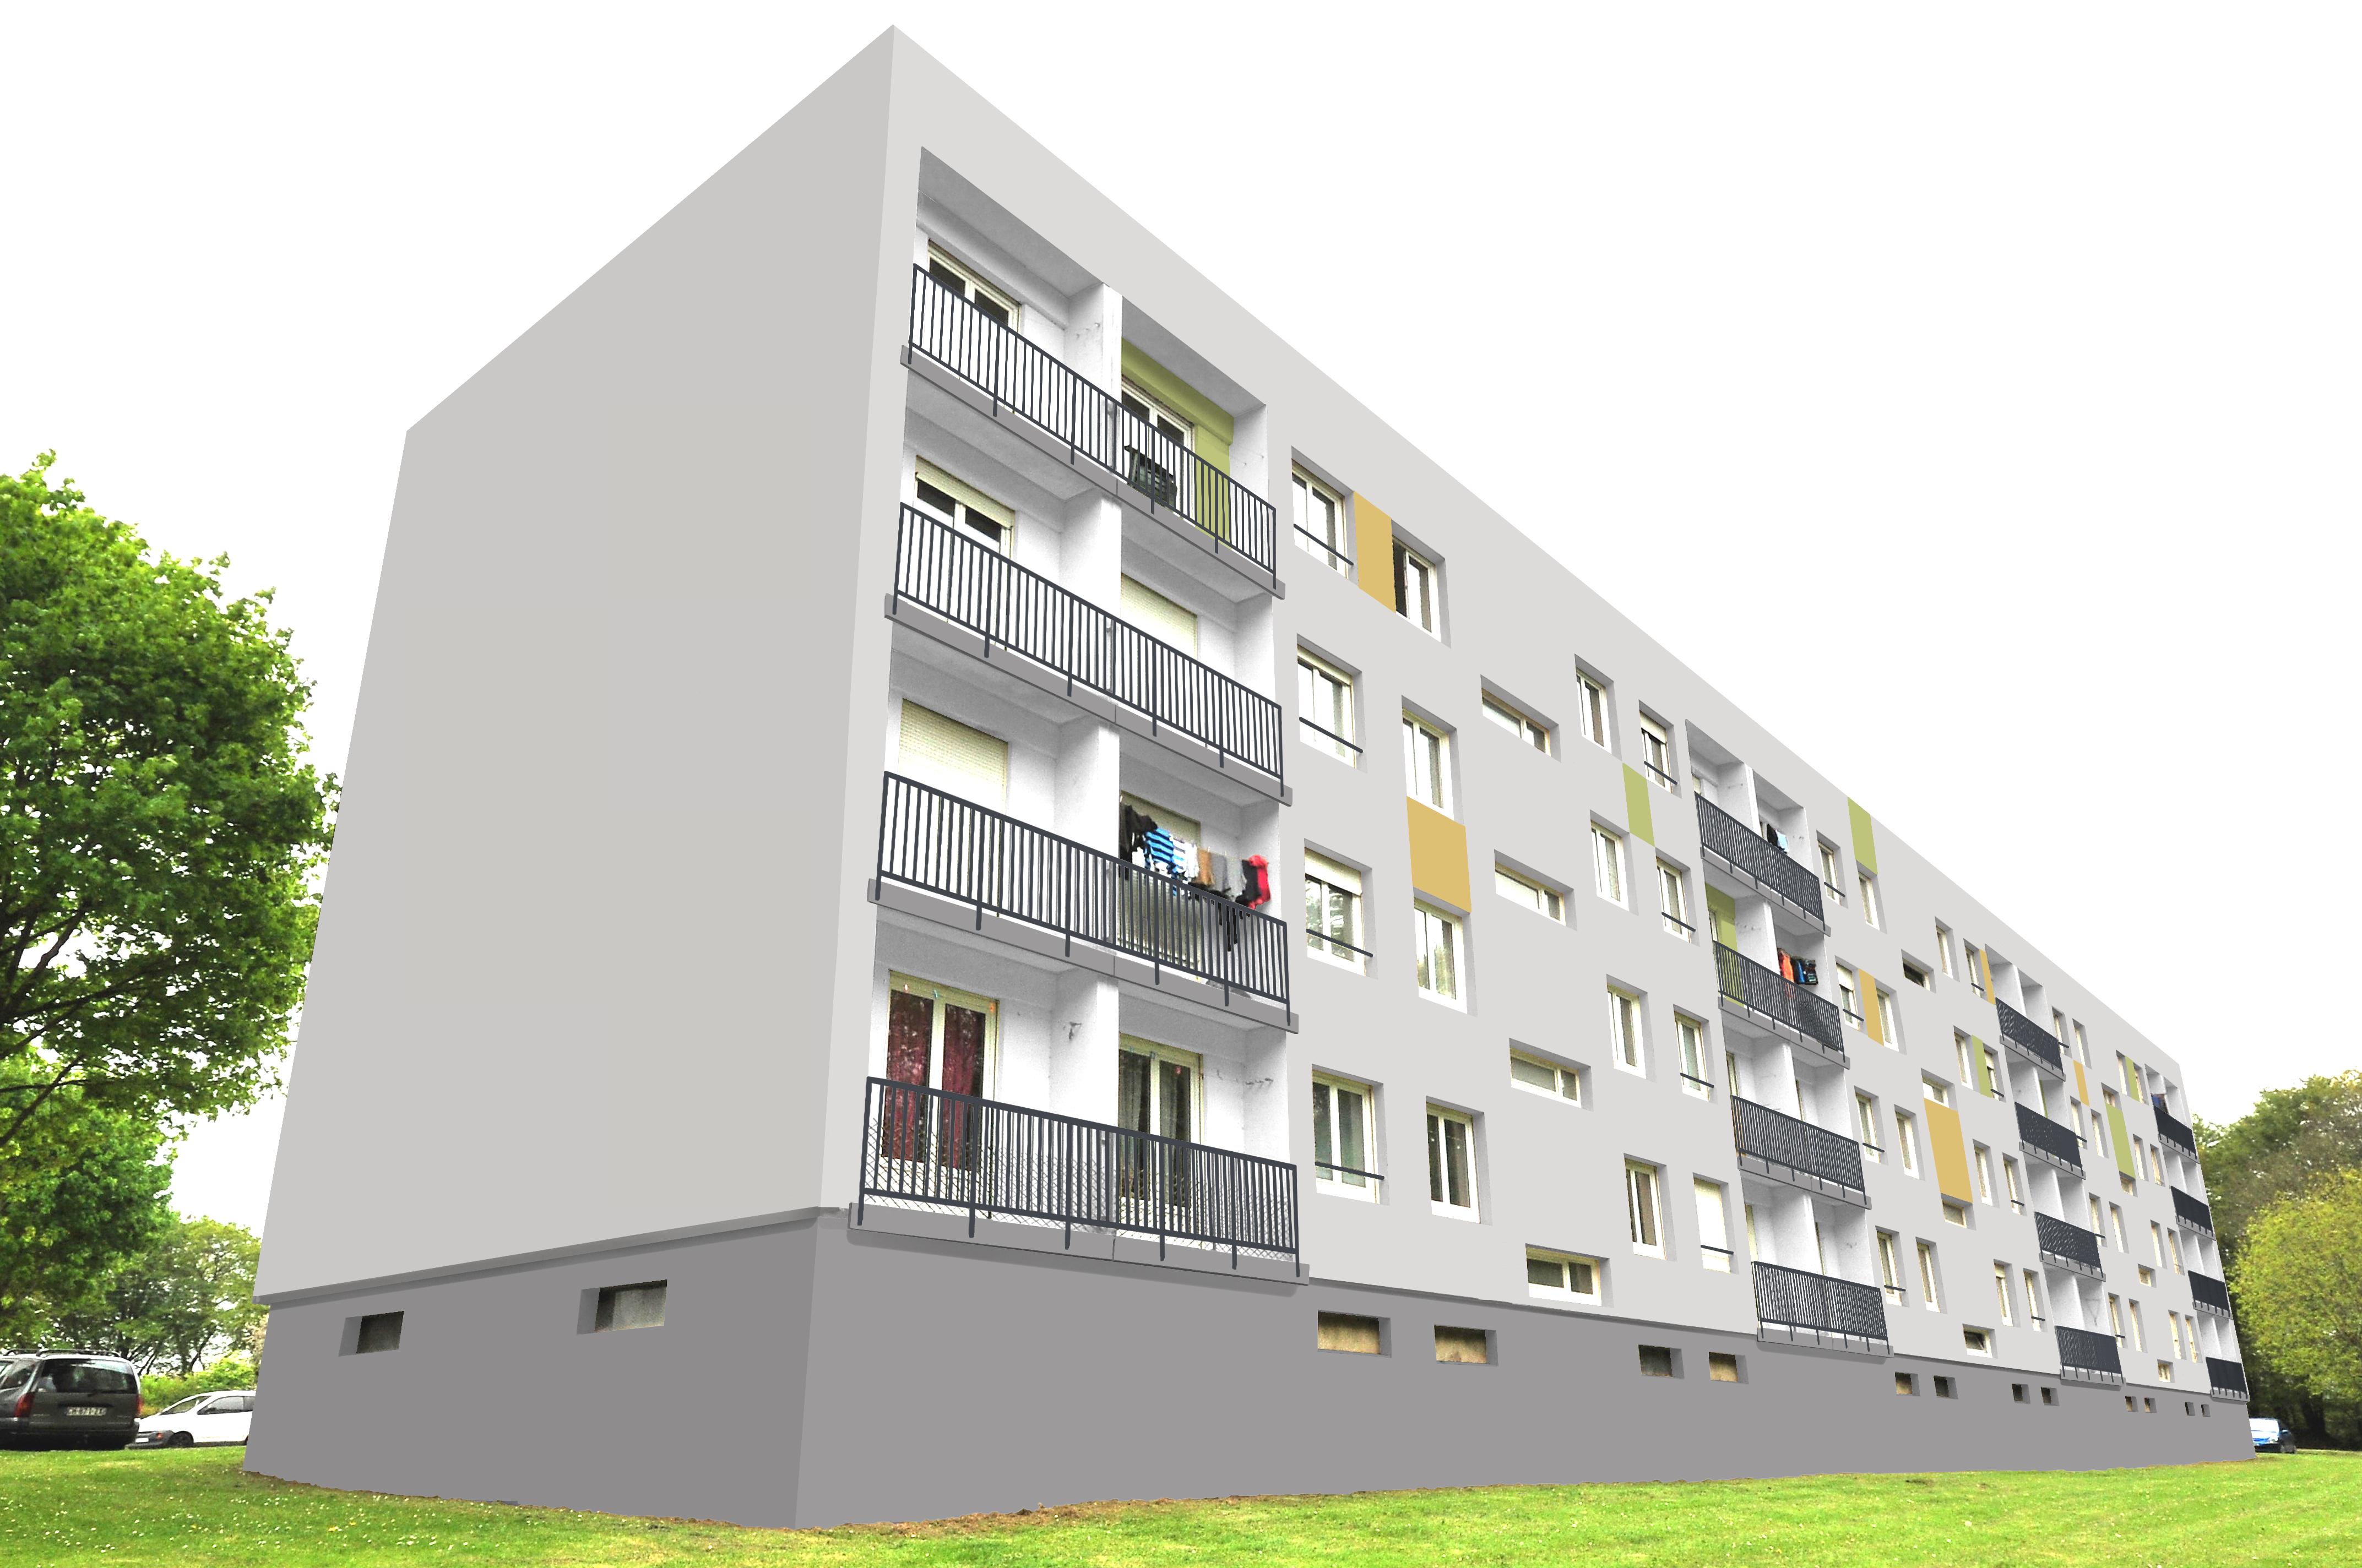 Landerneau_MOE